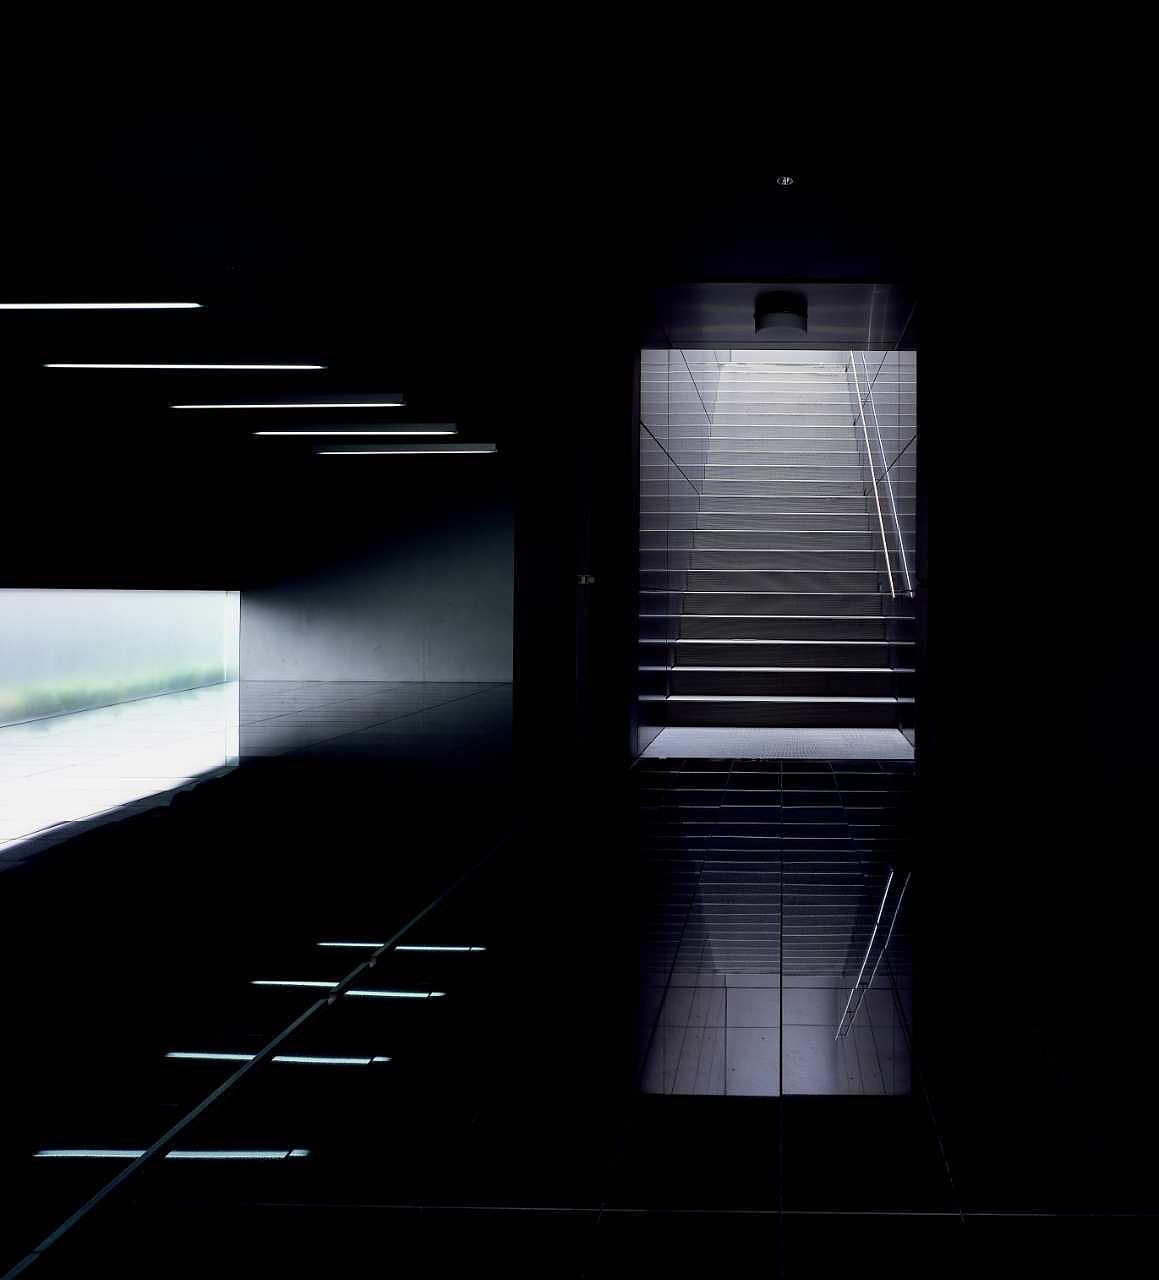 Σιωπηλή αρχιτεκτονική από τον Takashi Yamaguchi.